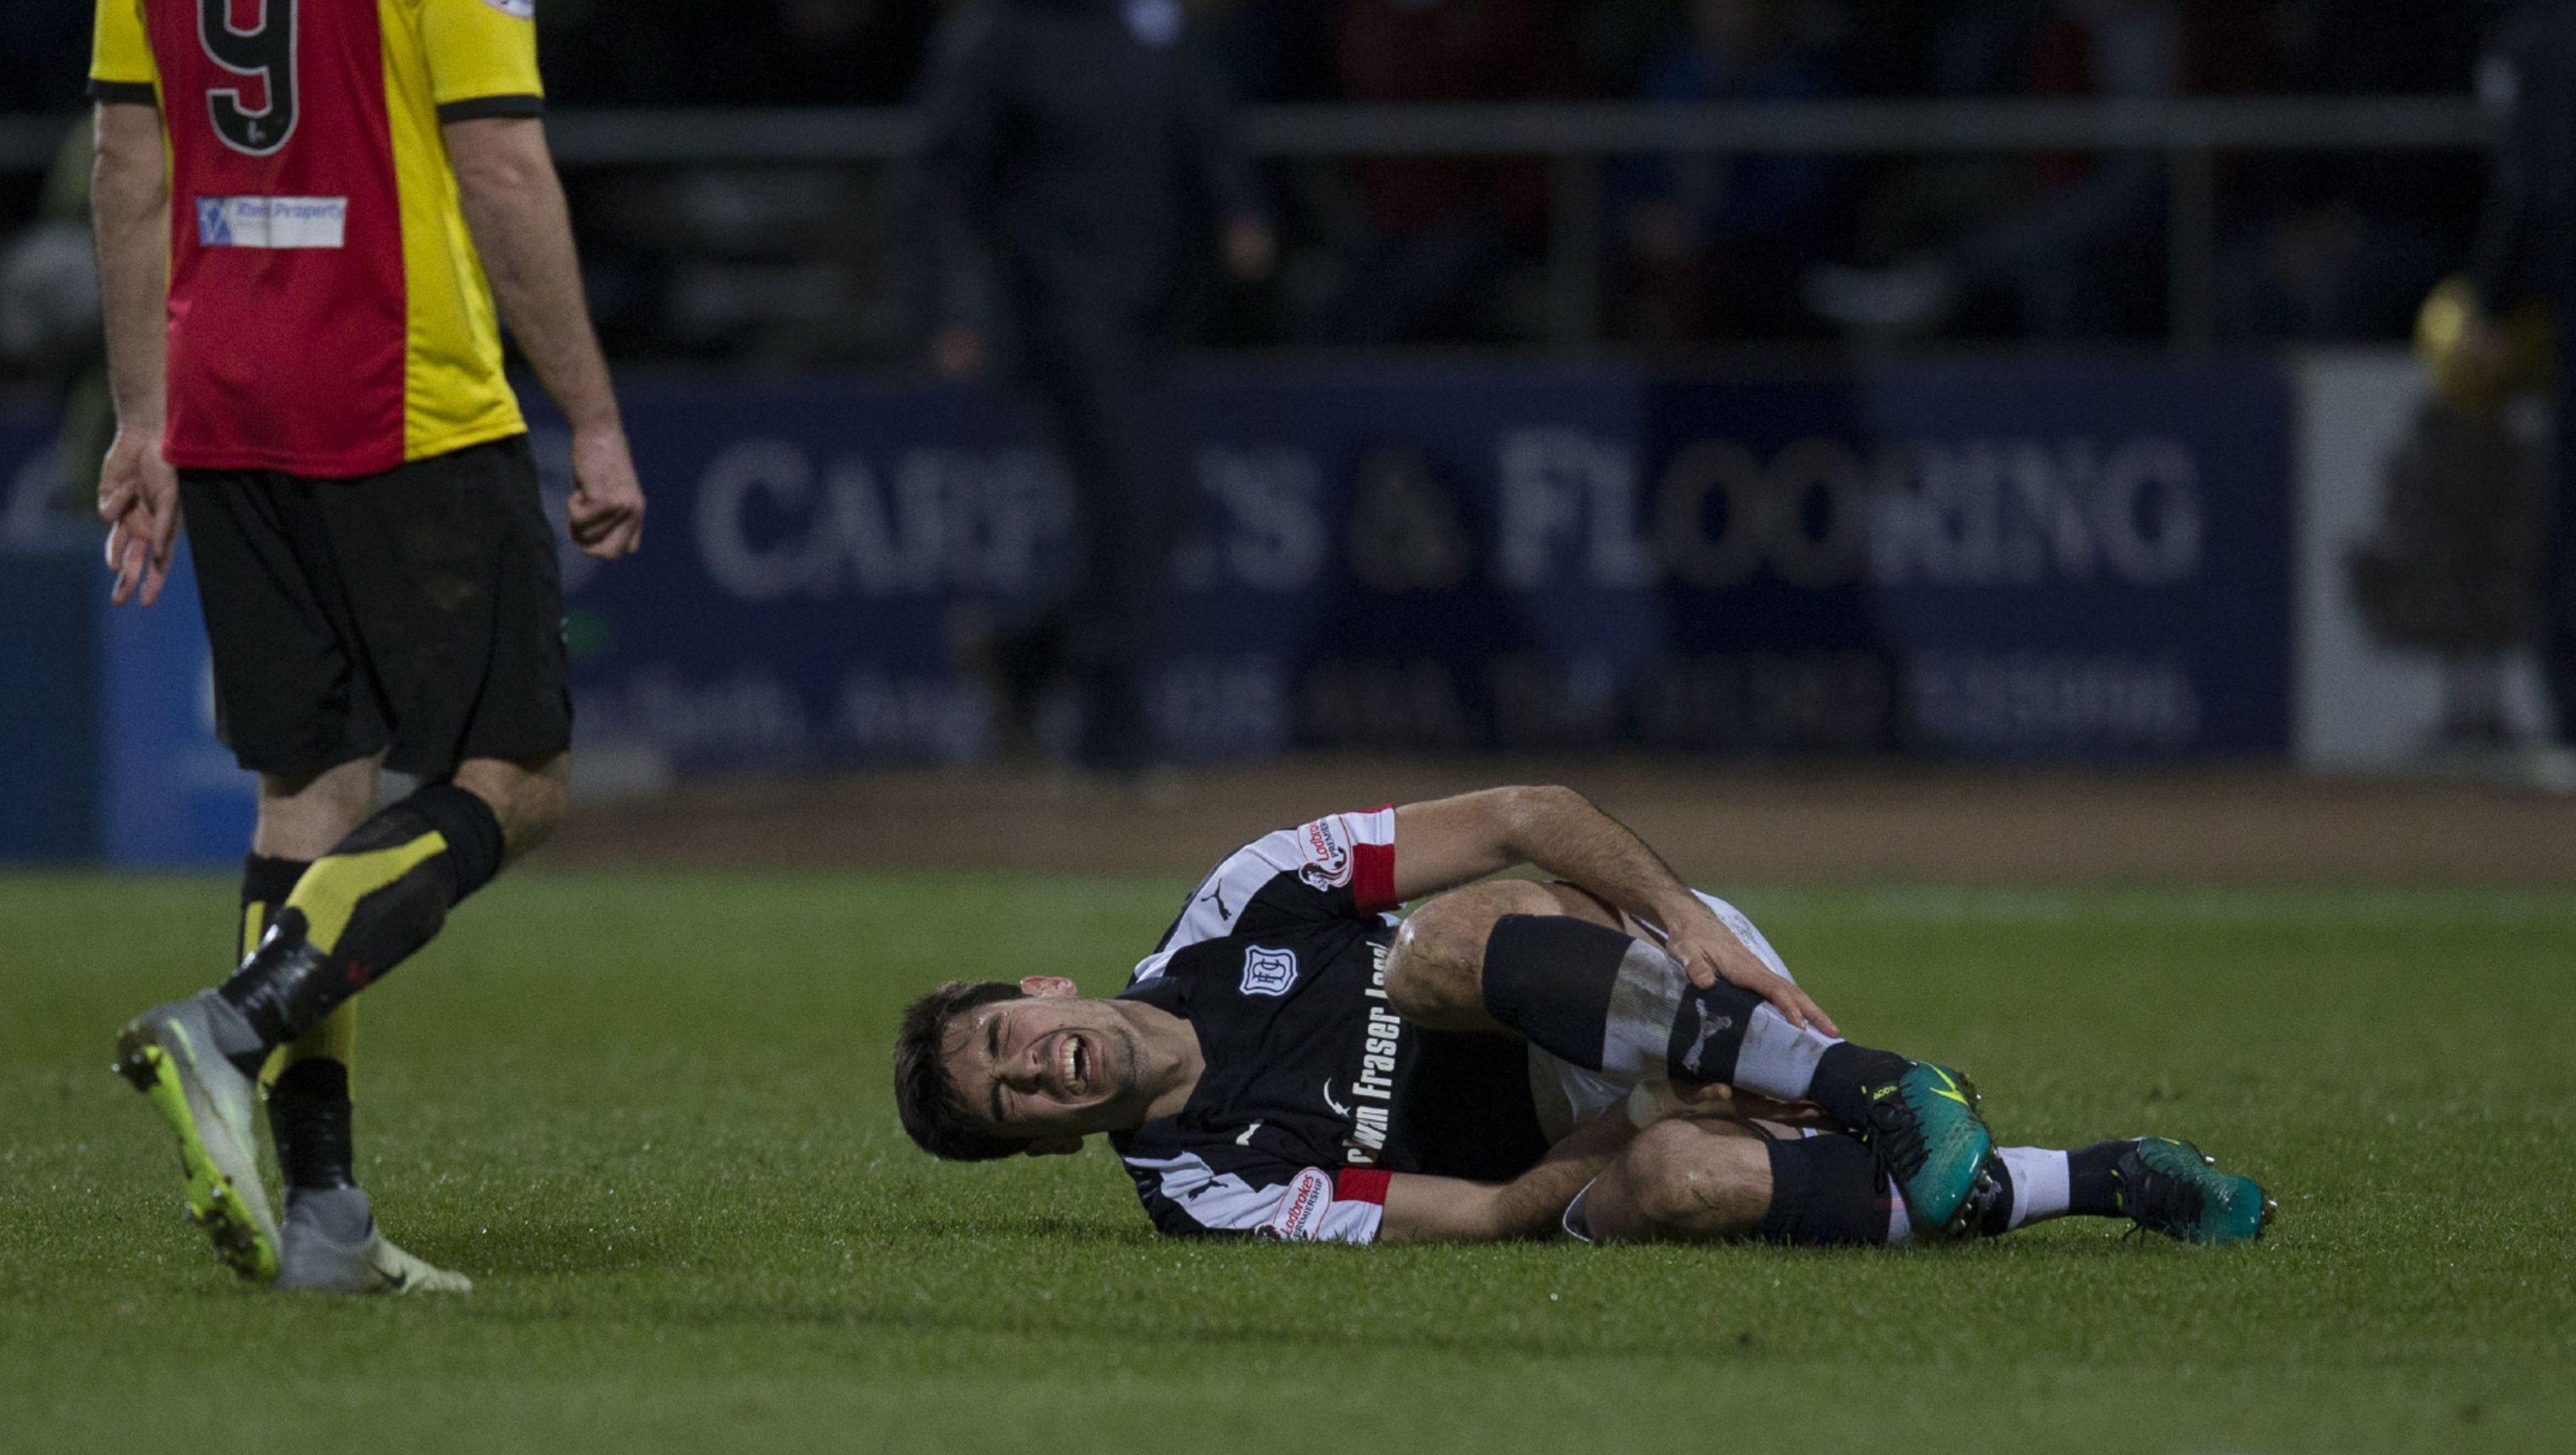 Julen Etxabeguren goes to ground after suffering injury.